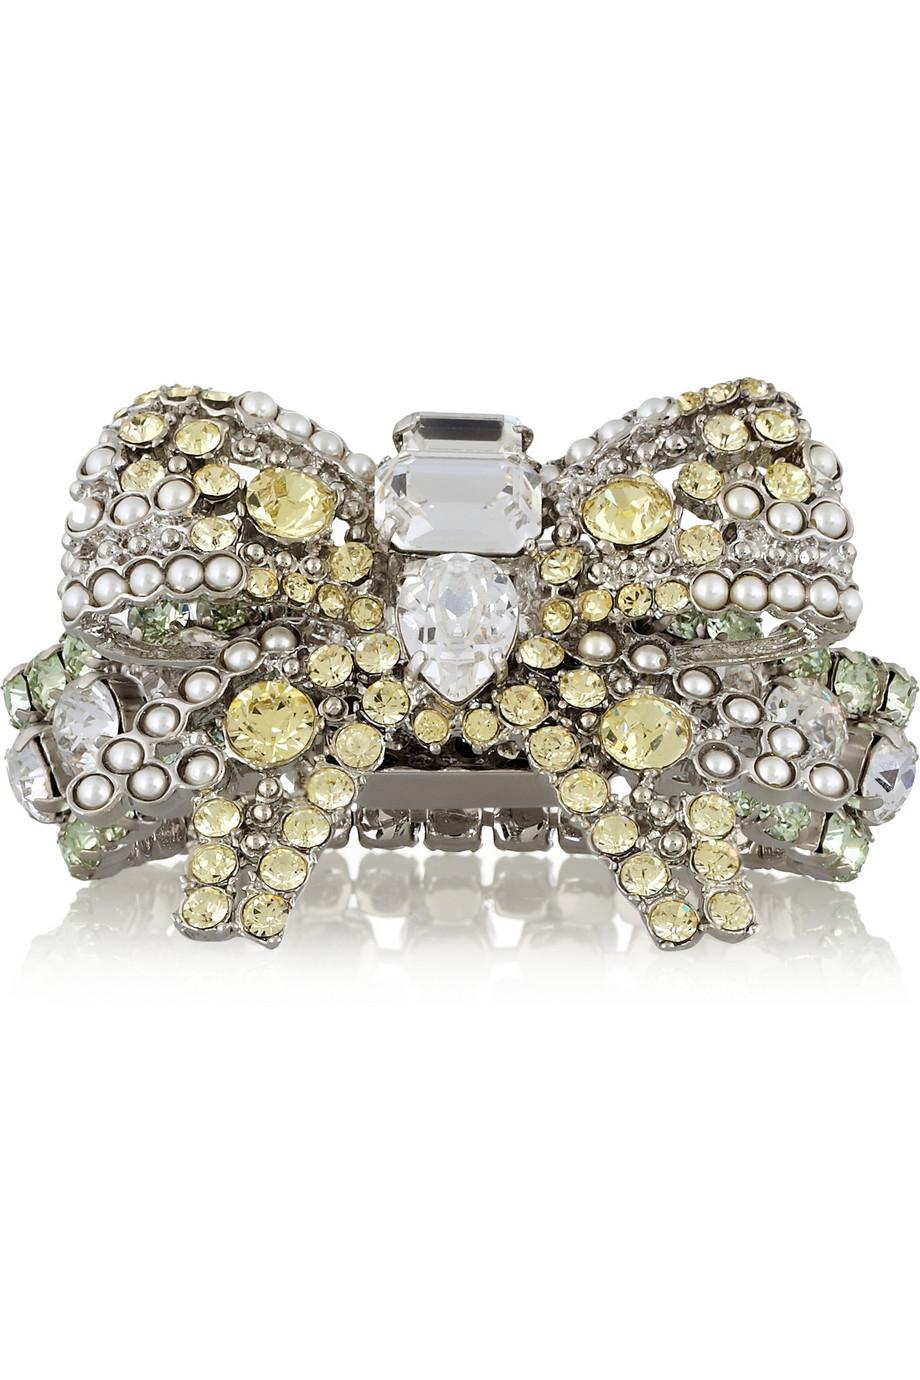 Embellished silver bracelet Miu Miu ZQfFne8QZU